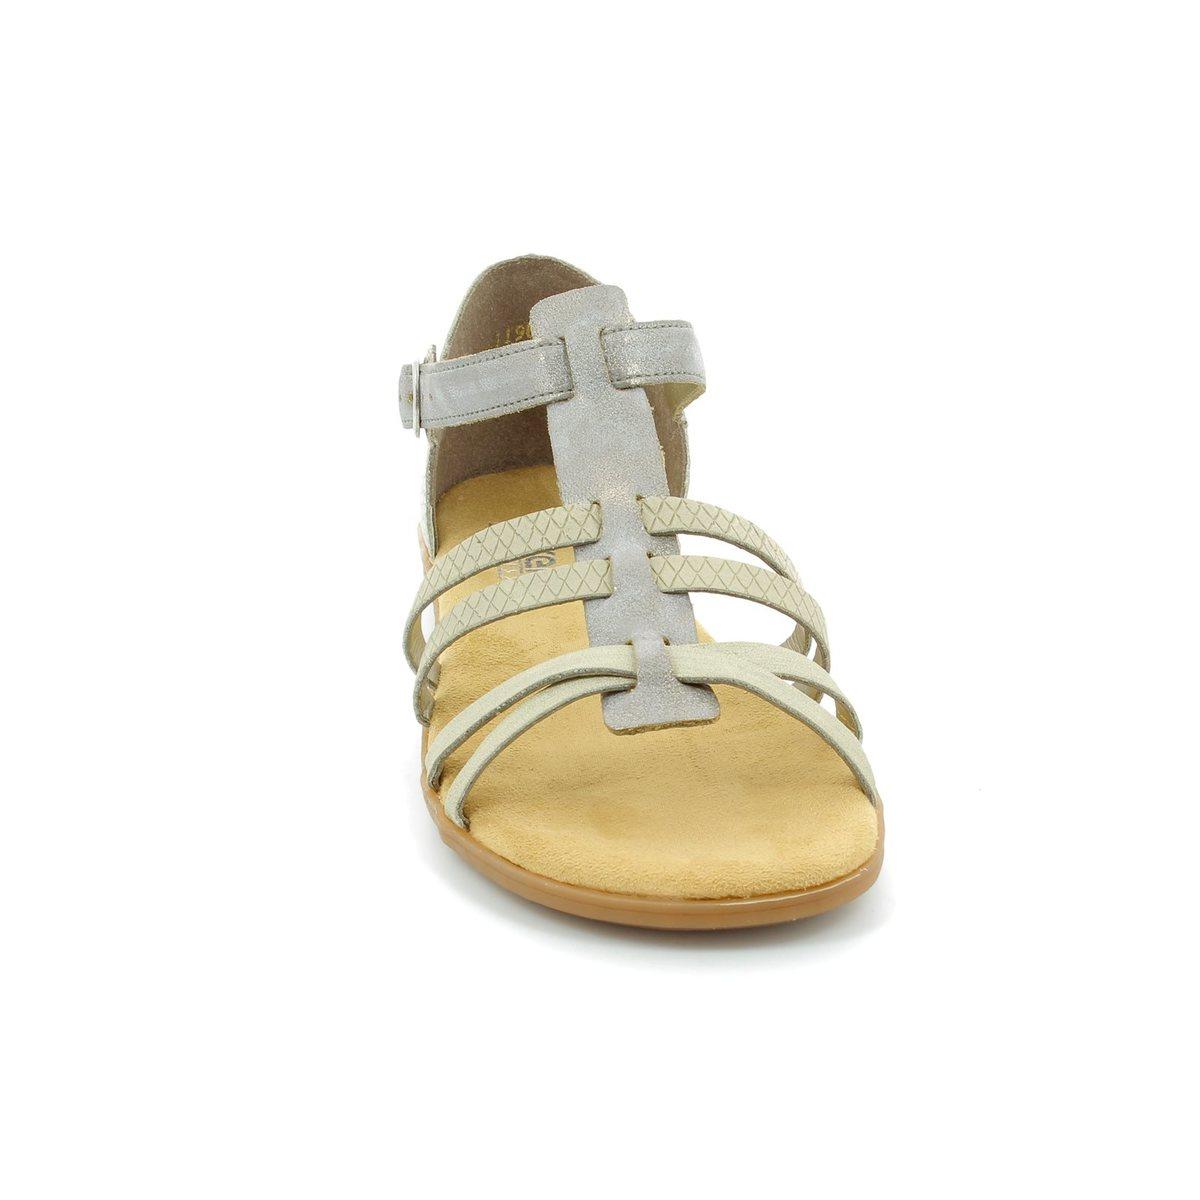 rieker 64288 40 beige multi sandals. Black Bedroom Furniture Sets. Home Design Ideas